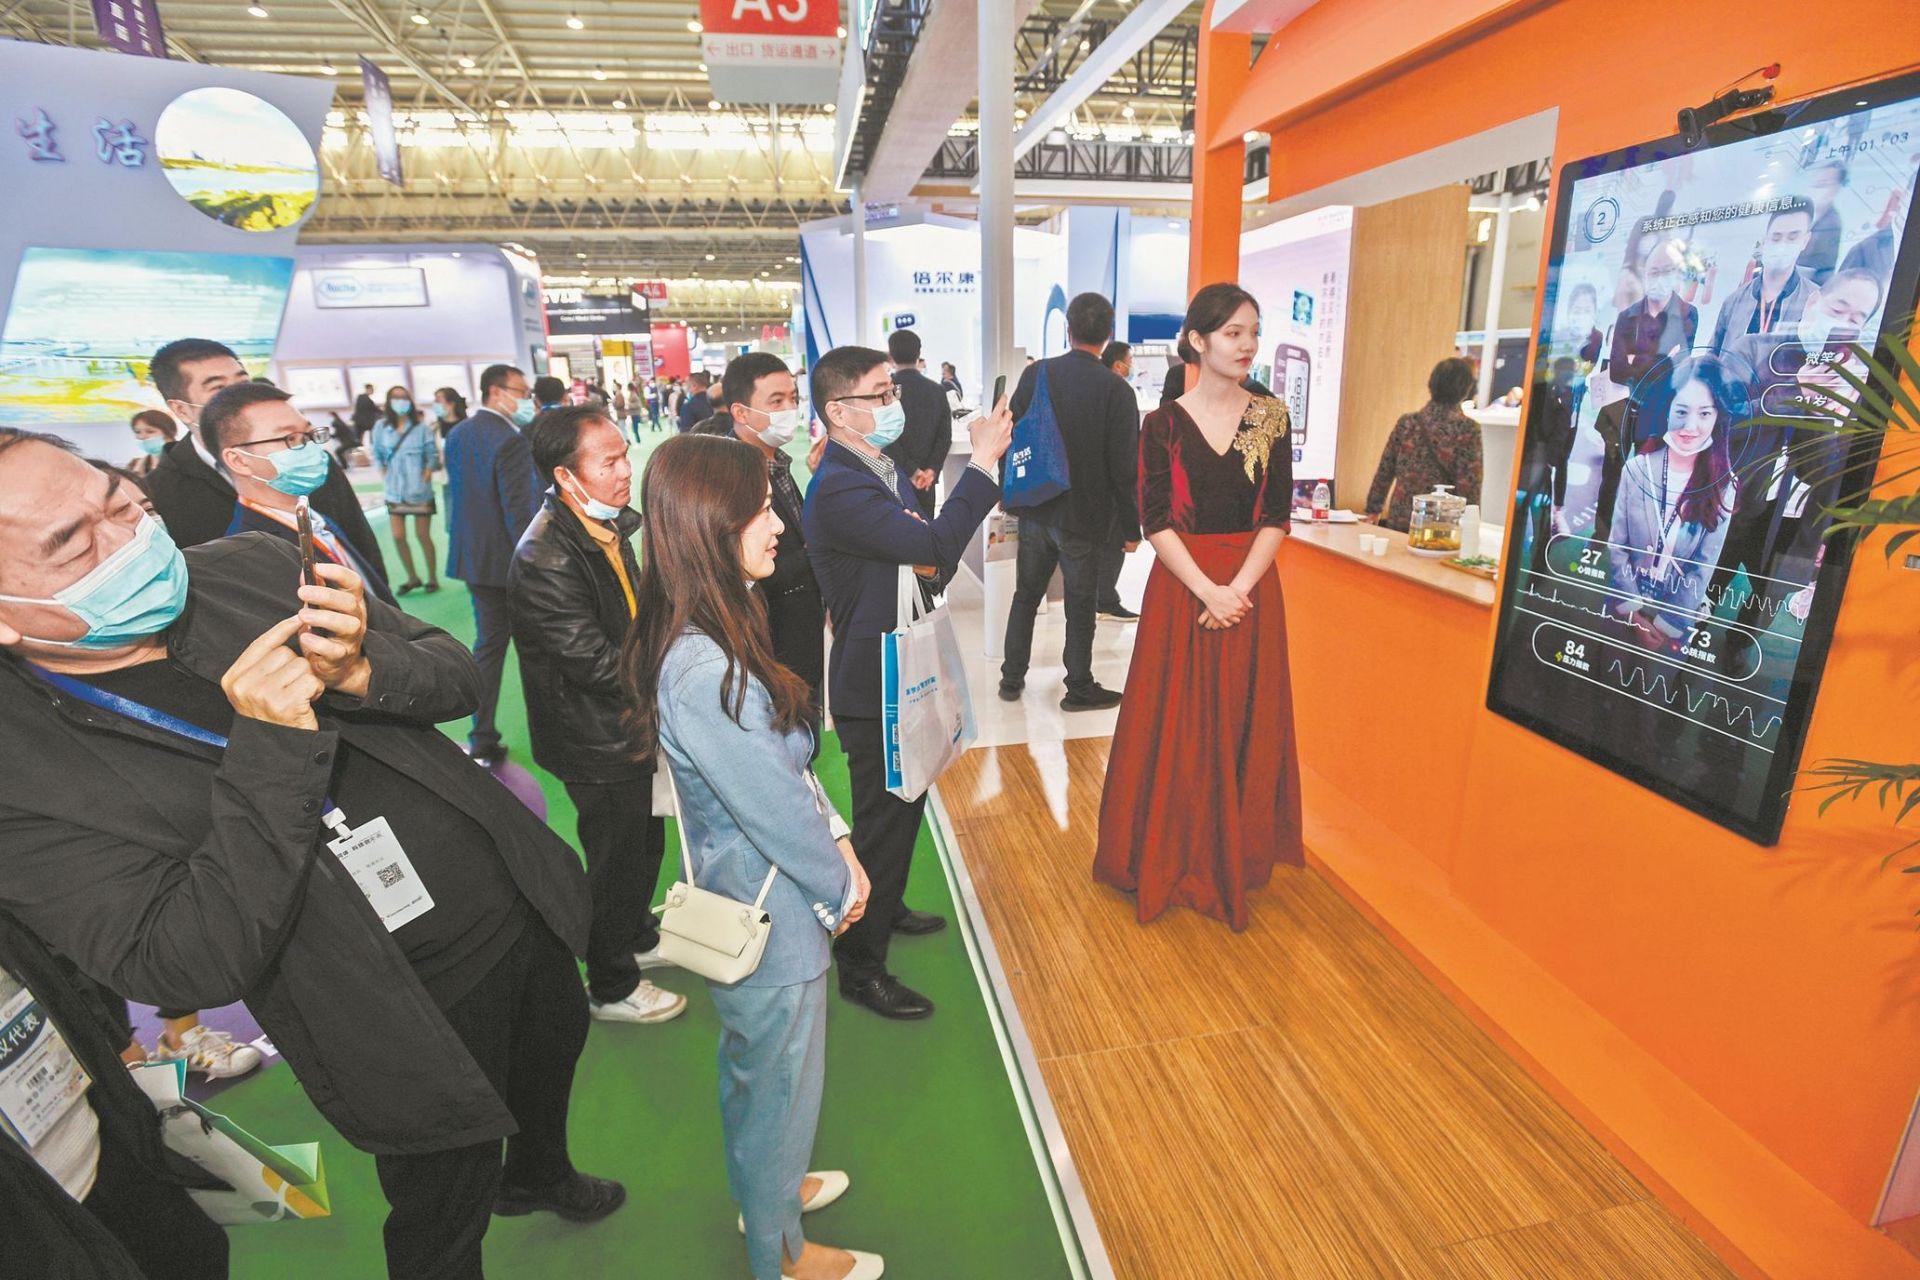 世界健博会在汉开幕  防疫神器 隔空把脉